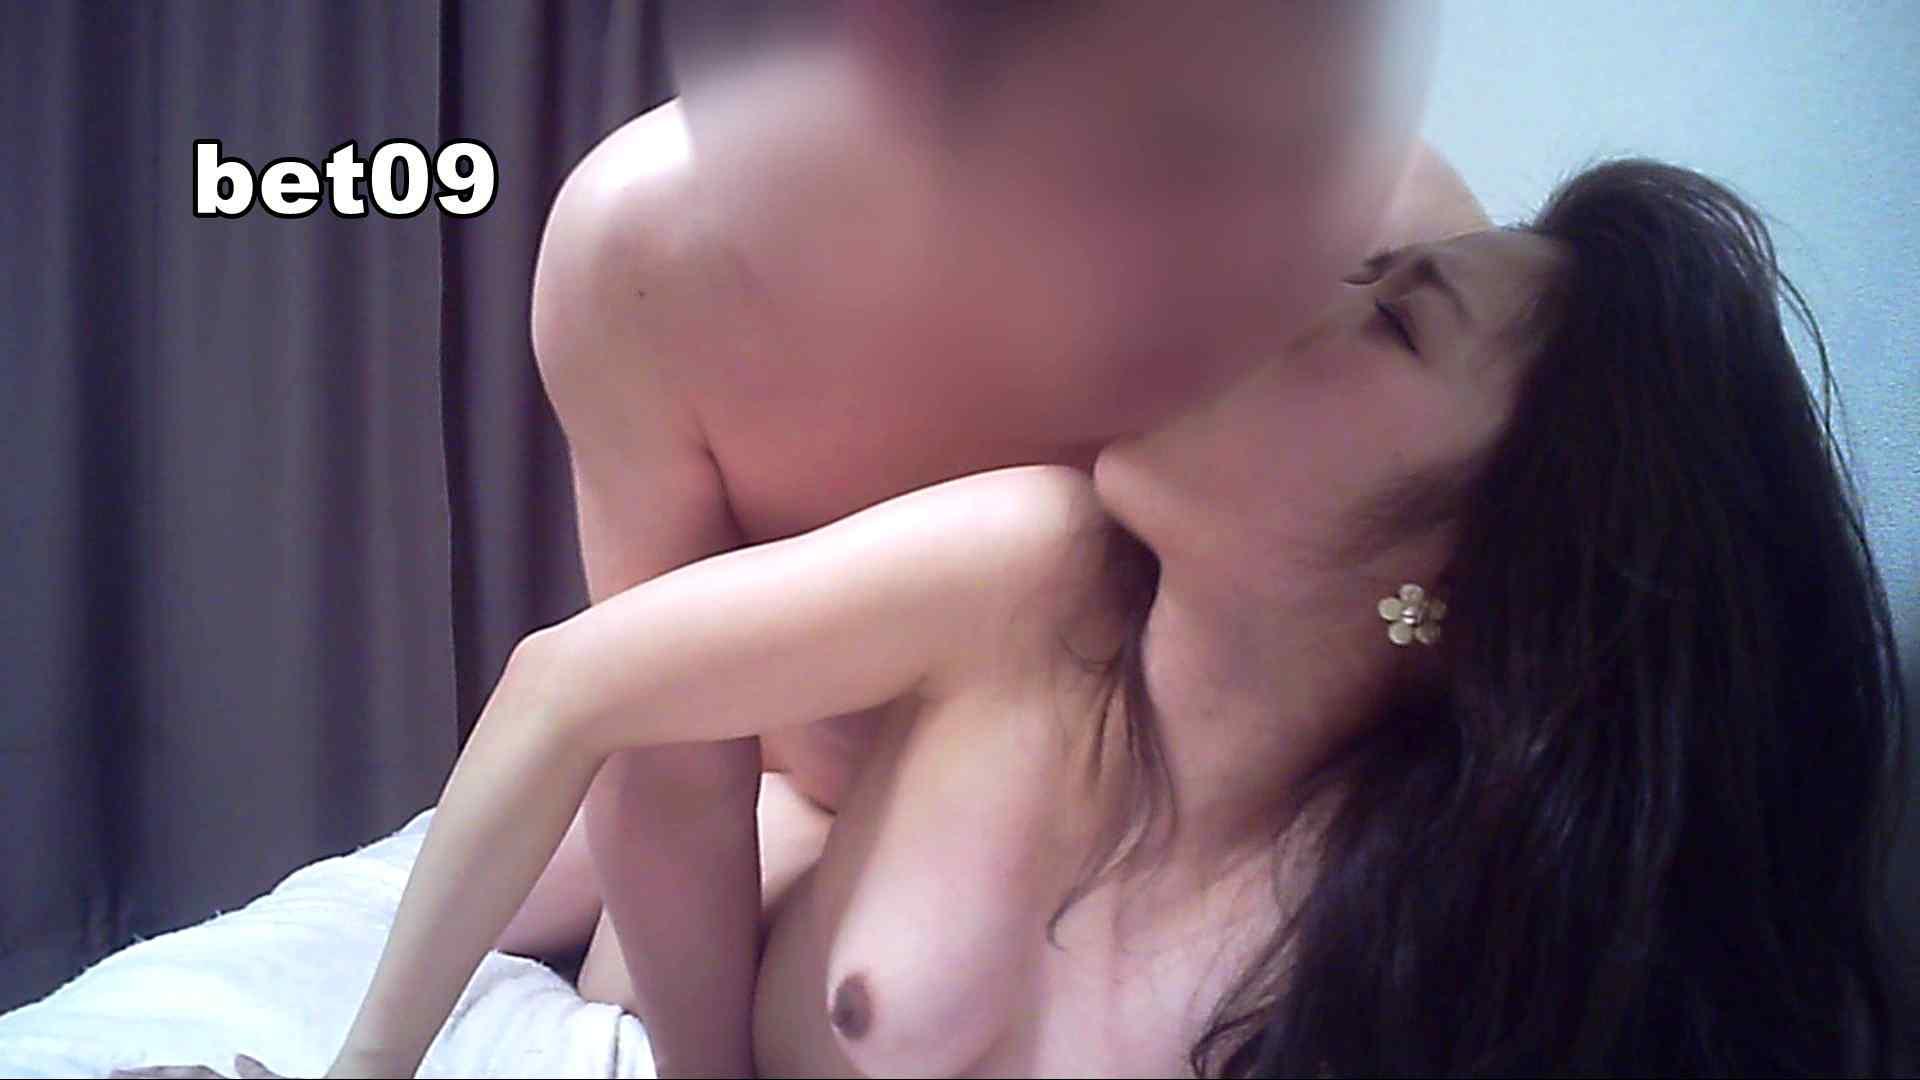 ミキ・大手旅行代理店勤務(24歳・仮名) vol.09 ミキの顔が紅潮してきます セックス AV無料動画キャプチャ 86枚 62